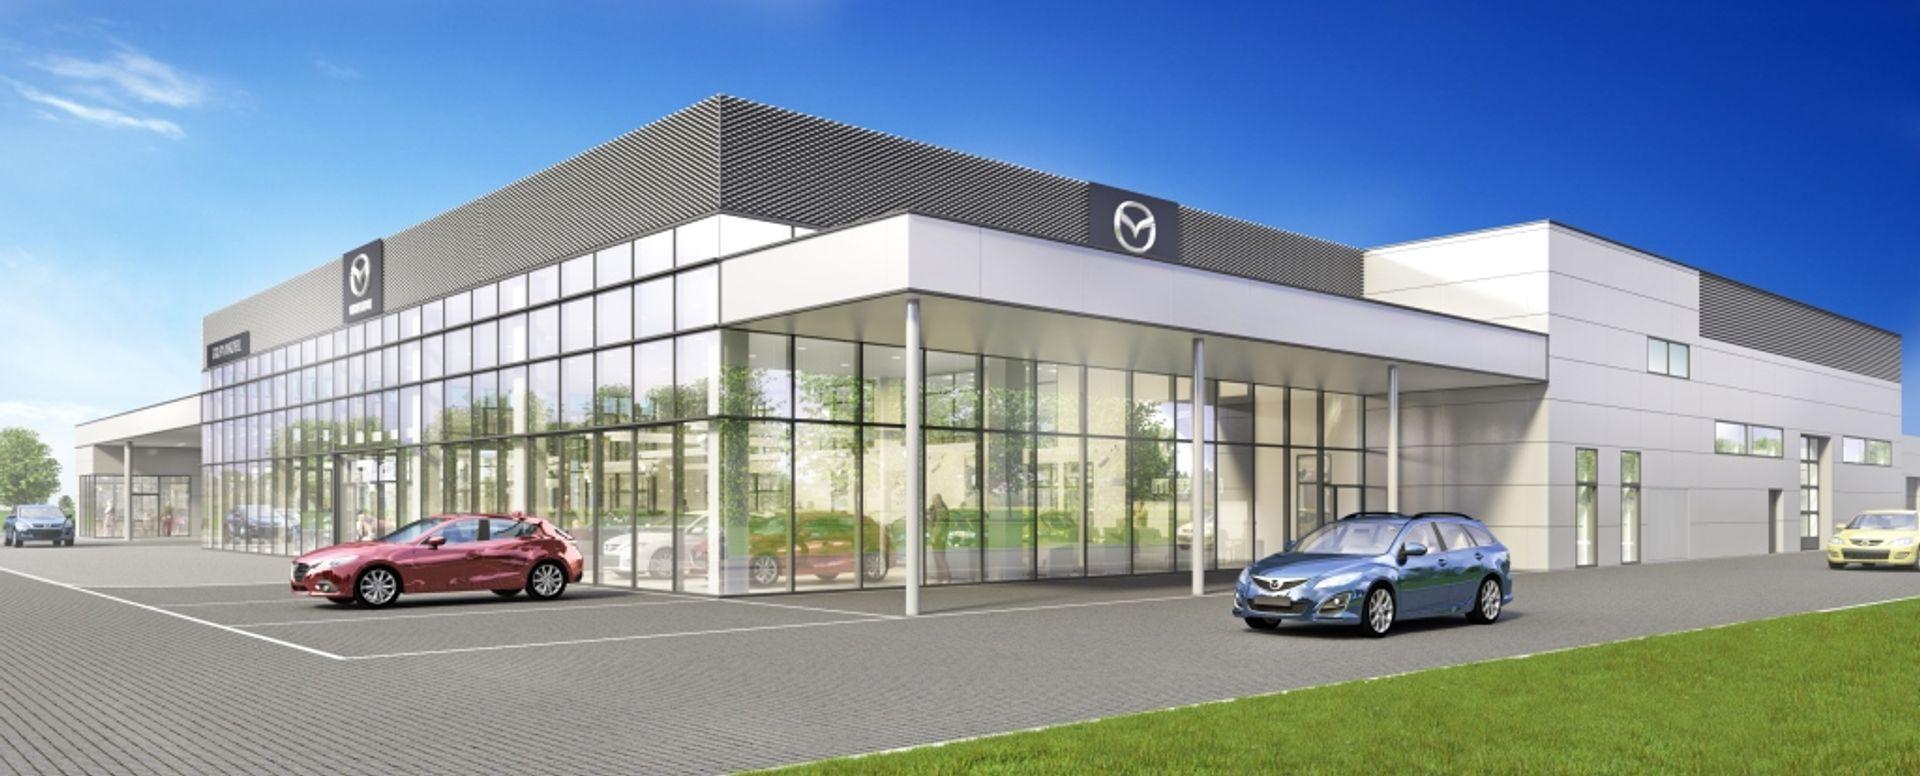 [Aglomeracja wrocławska] Rusza budowa nowego salonu Mazdy tuż pod Wrocławiem [WIZUALIZACJE]